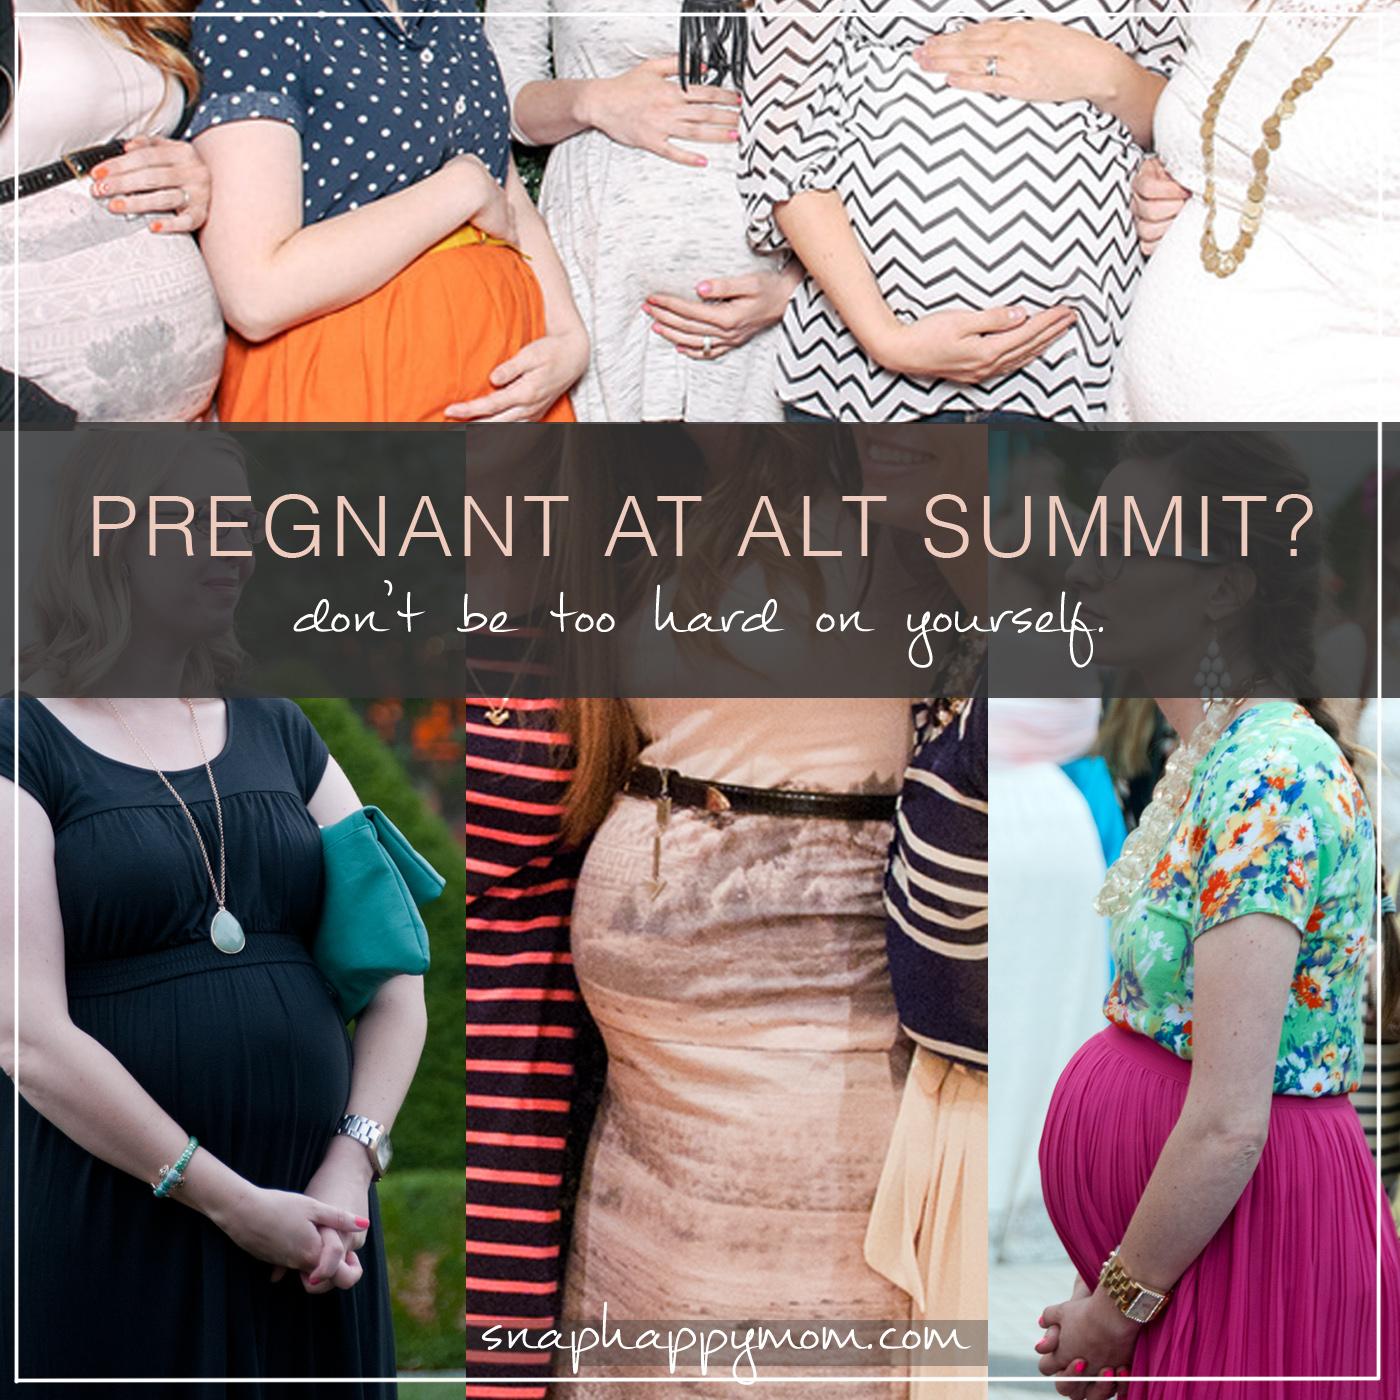 PregnantAtAlt